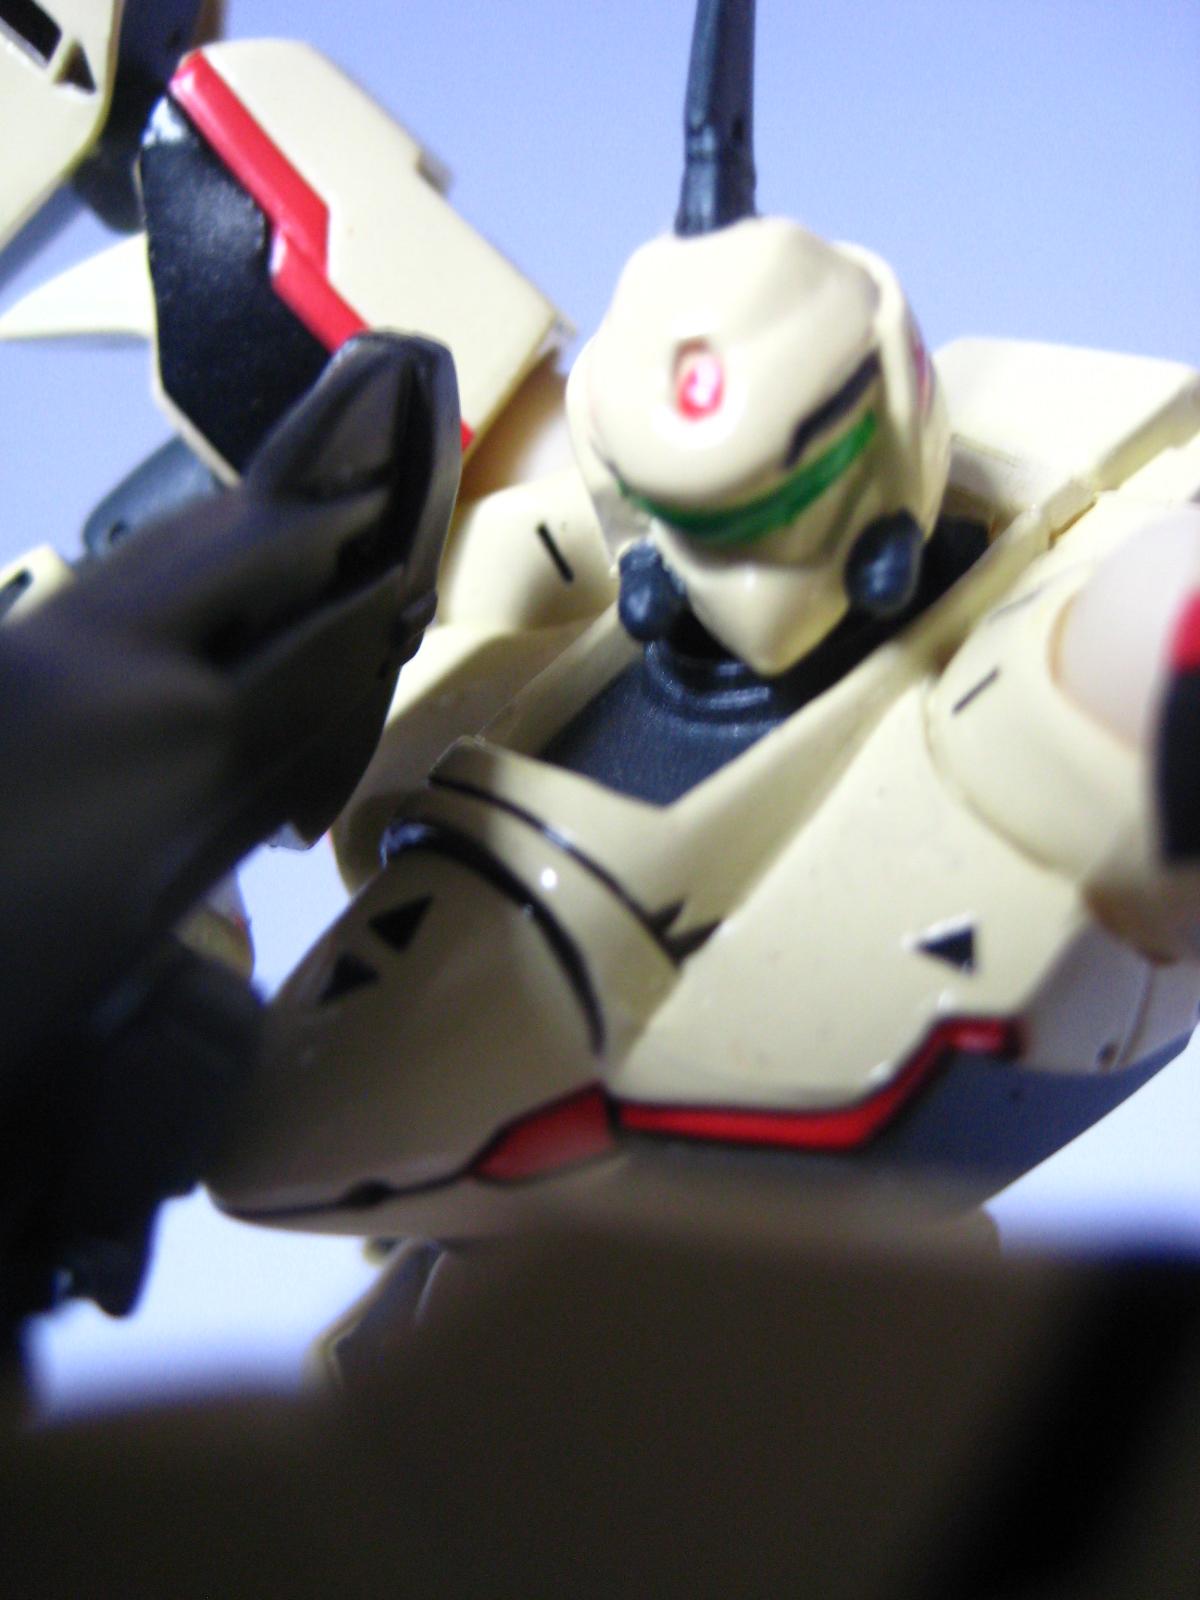 macross plus YF-19 revoltech battloid